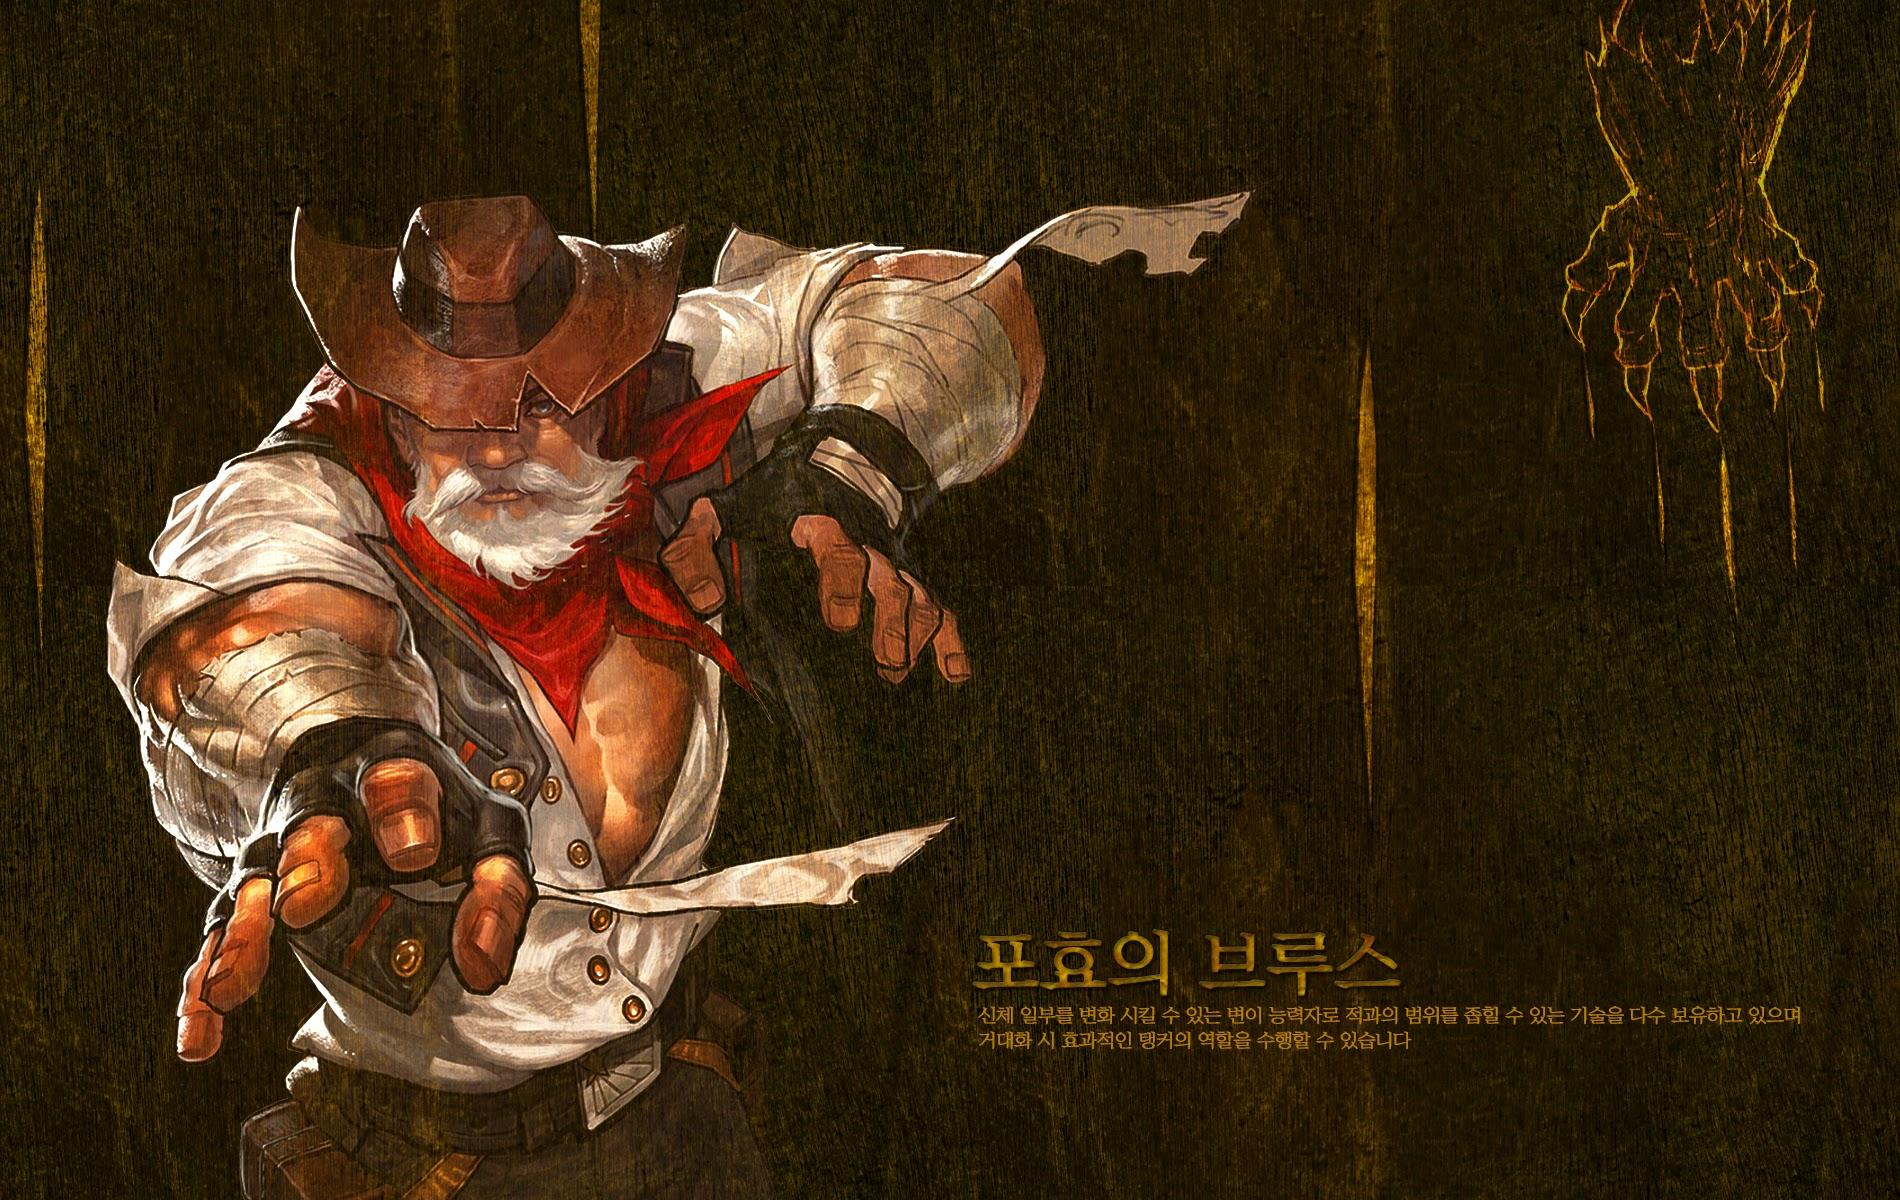 Hình nền tuyệt đẹp của Cyphers Online Hàn Quốc - Ảnh 2